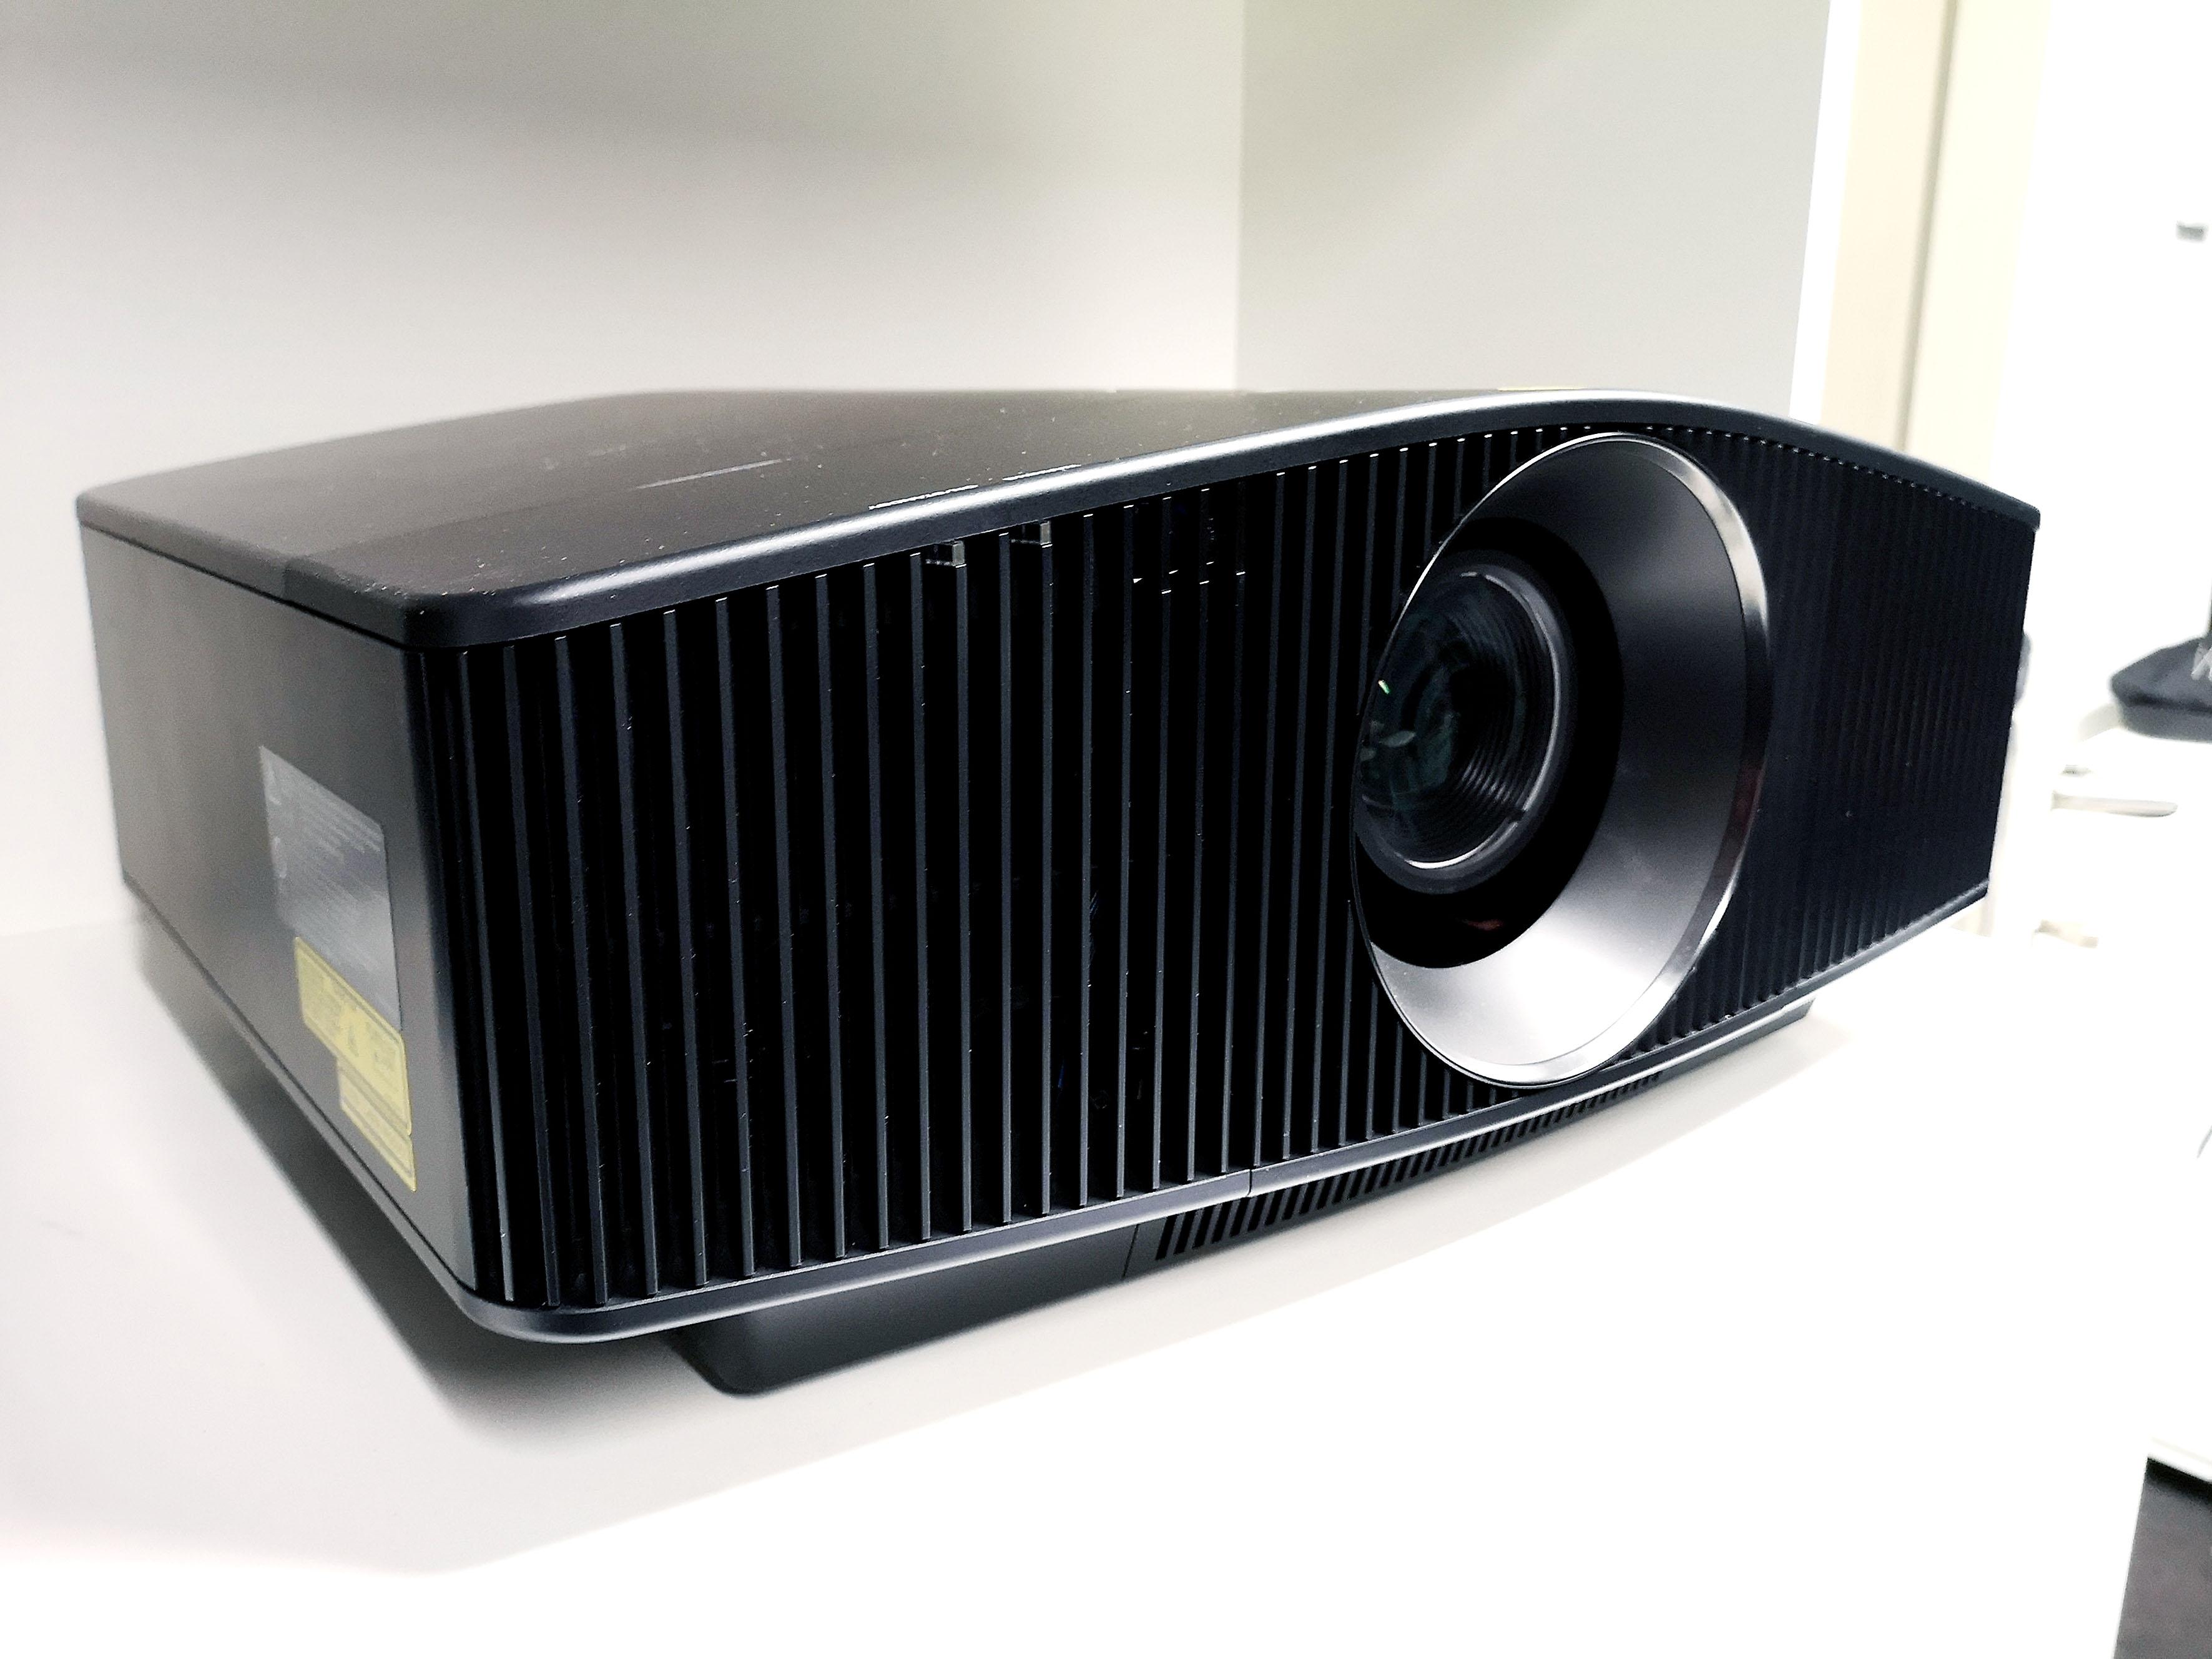 Foto: Michael B. Rehders - Der Sony VPL-VW870 ist ein 4K-Projektor mit Laser-Licht-Technologie.